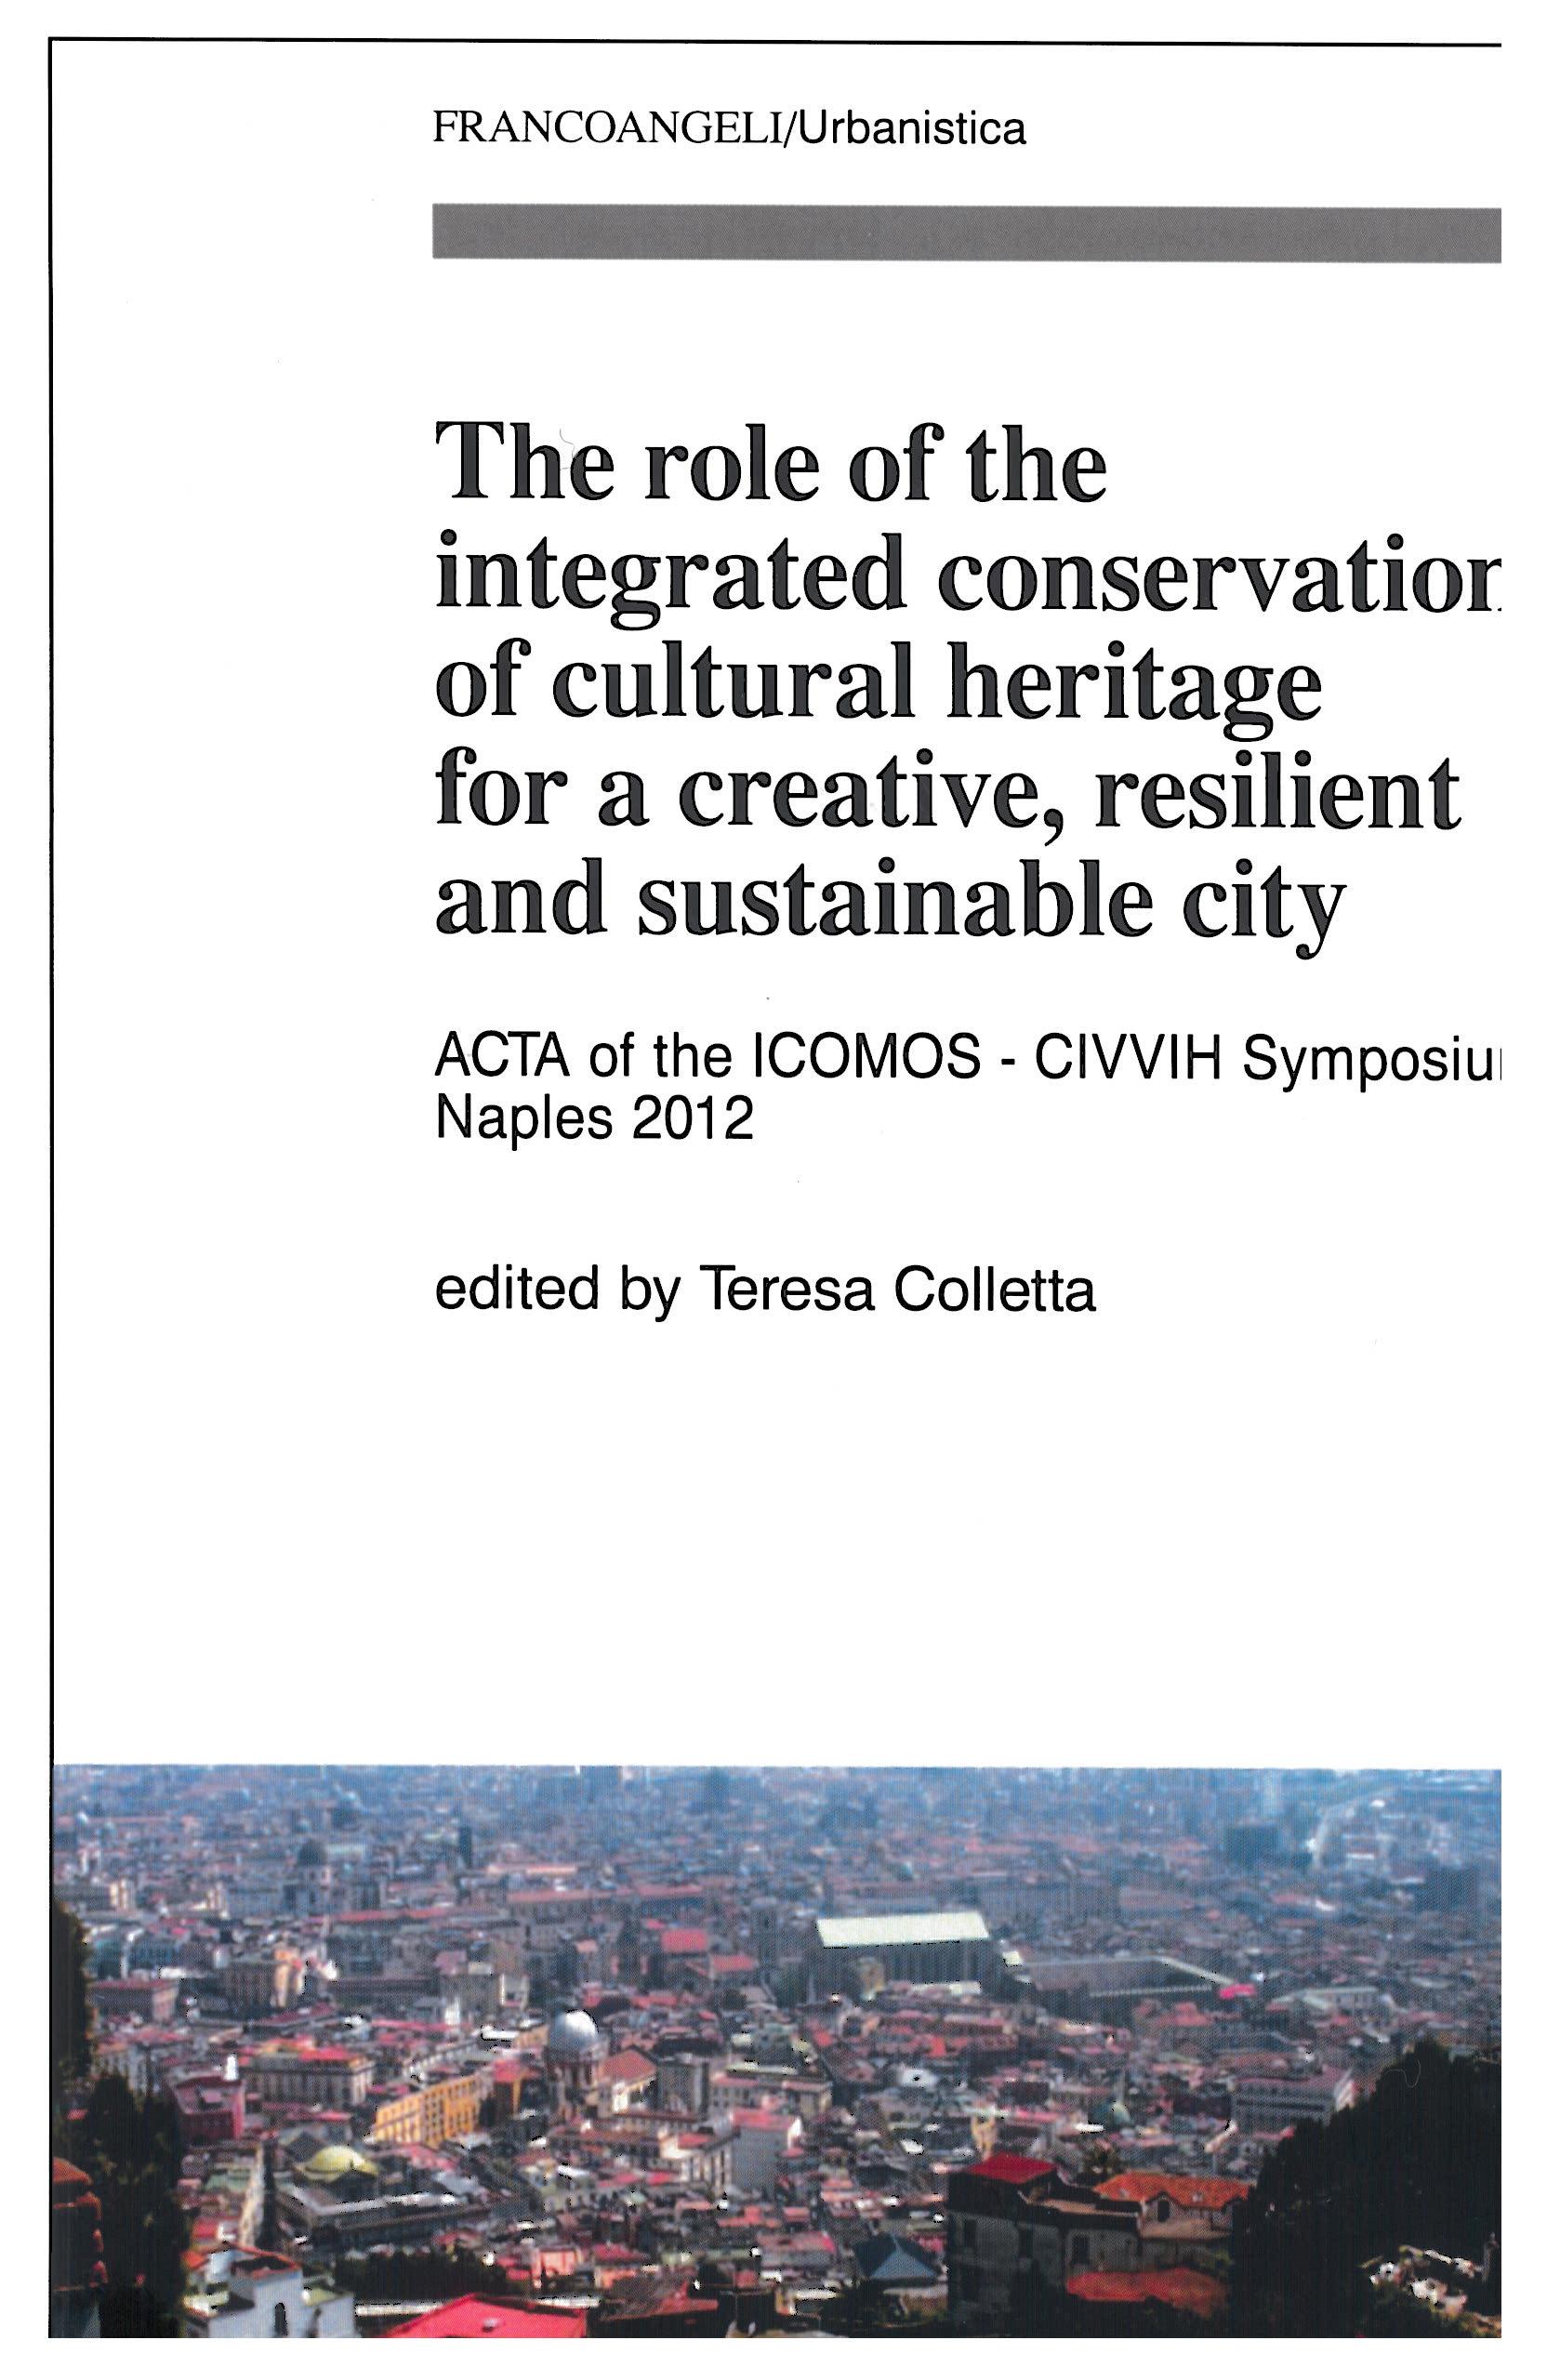 Conservation-restoration of cultural heritage